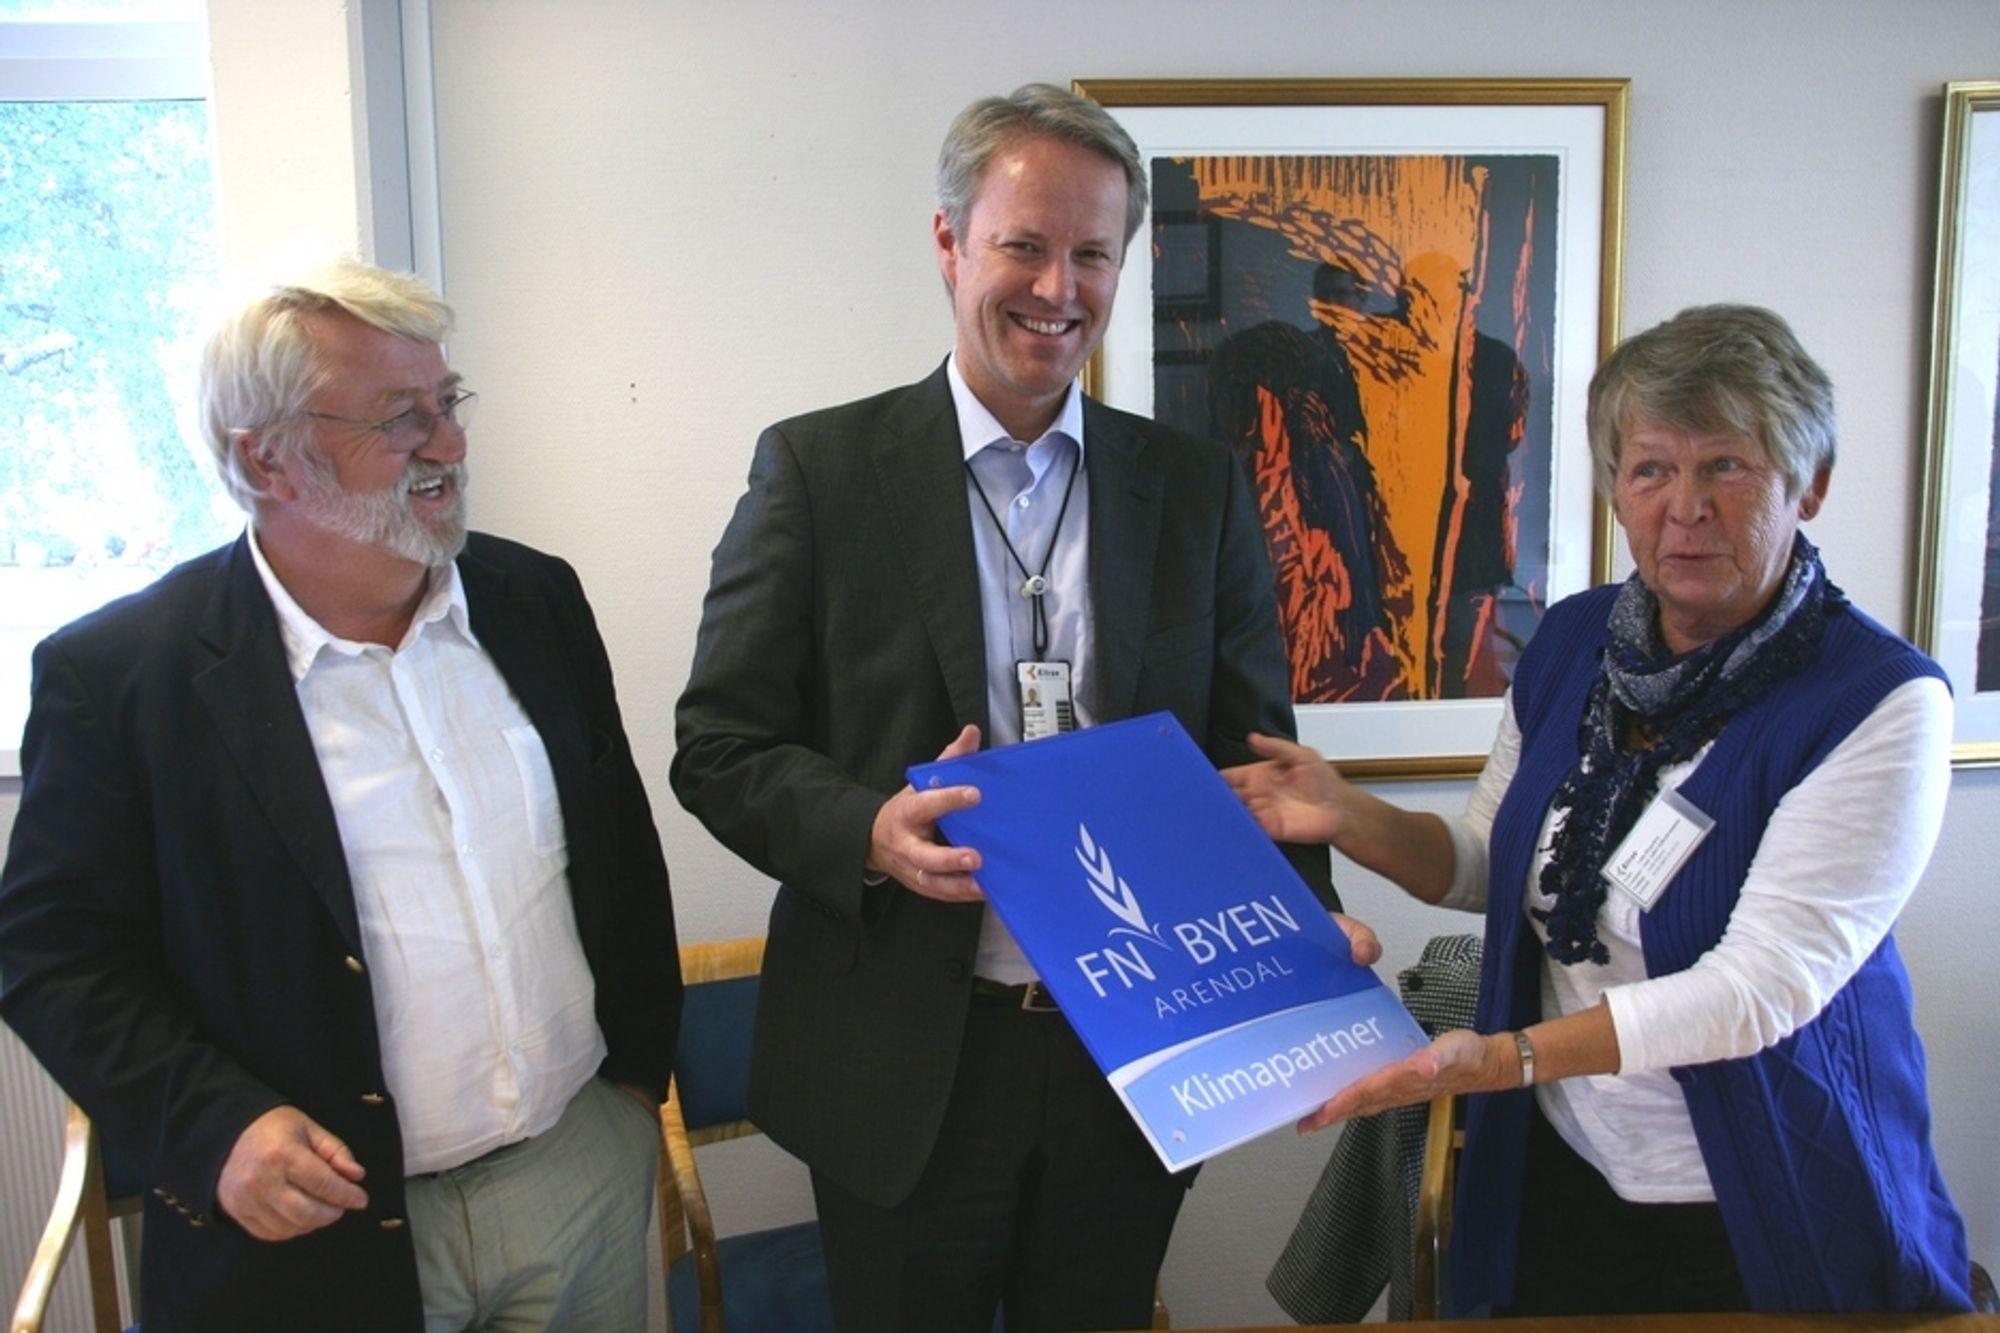 BLIR KLIMAPARTNER: Her blir selskapet Kitron partner i klimaklyngen i Aust-Agder, som ønsker å forberede bedriftene på lavutslippssamfunnet. Fra venstre Svein Tveitdal i GRID Arendal, adm.dir. Dag Songedal i Kitron og fylkesordfører Laila Øygarden.